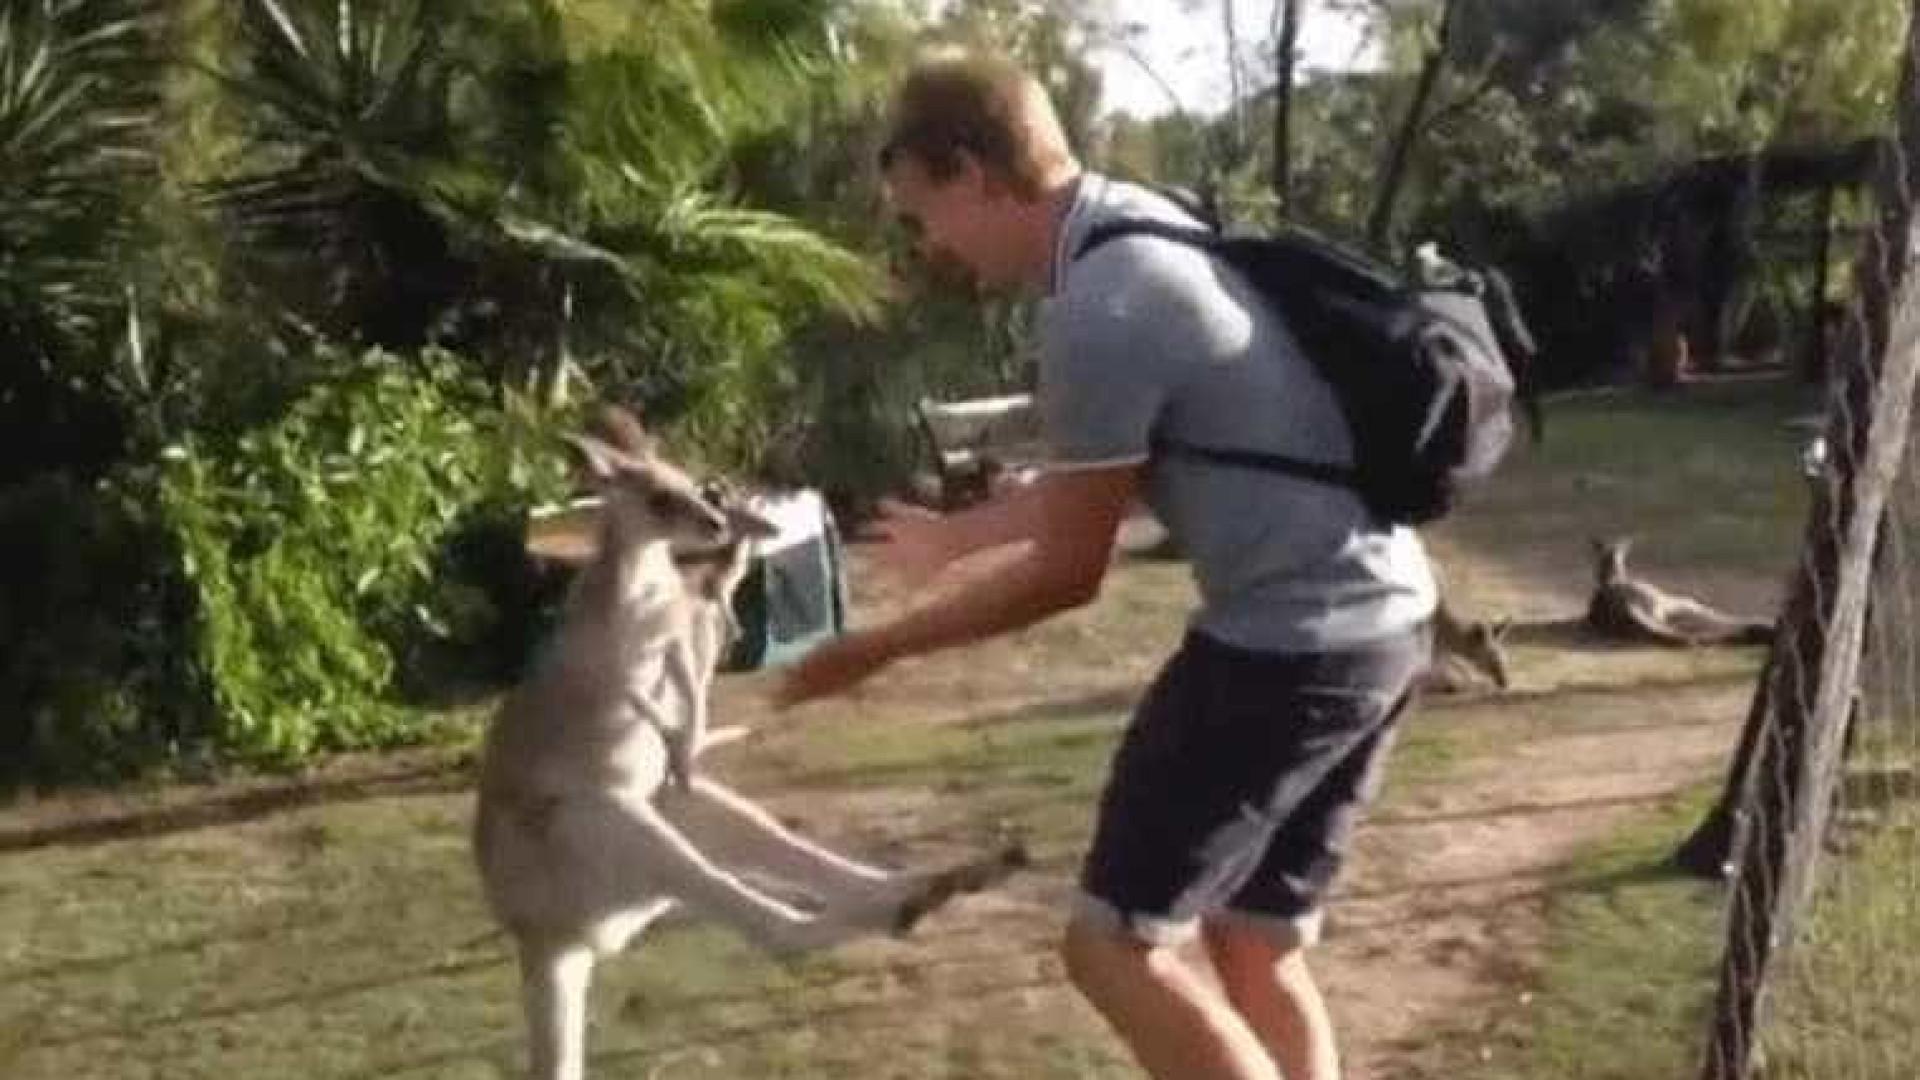 Canguru ataca turista em santuário na Austrália; assista!